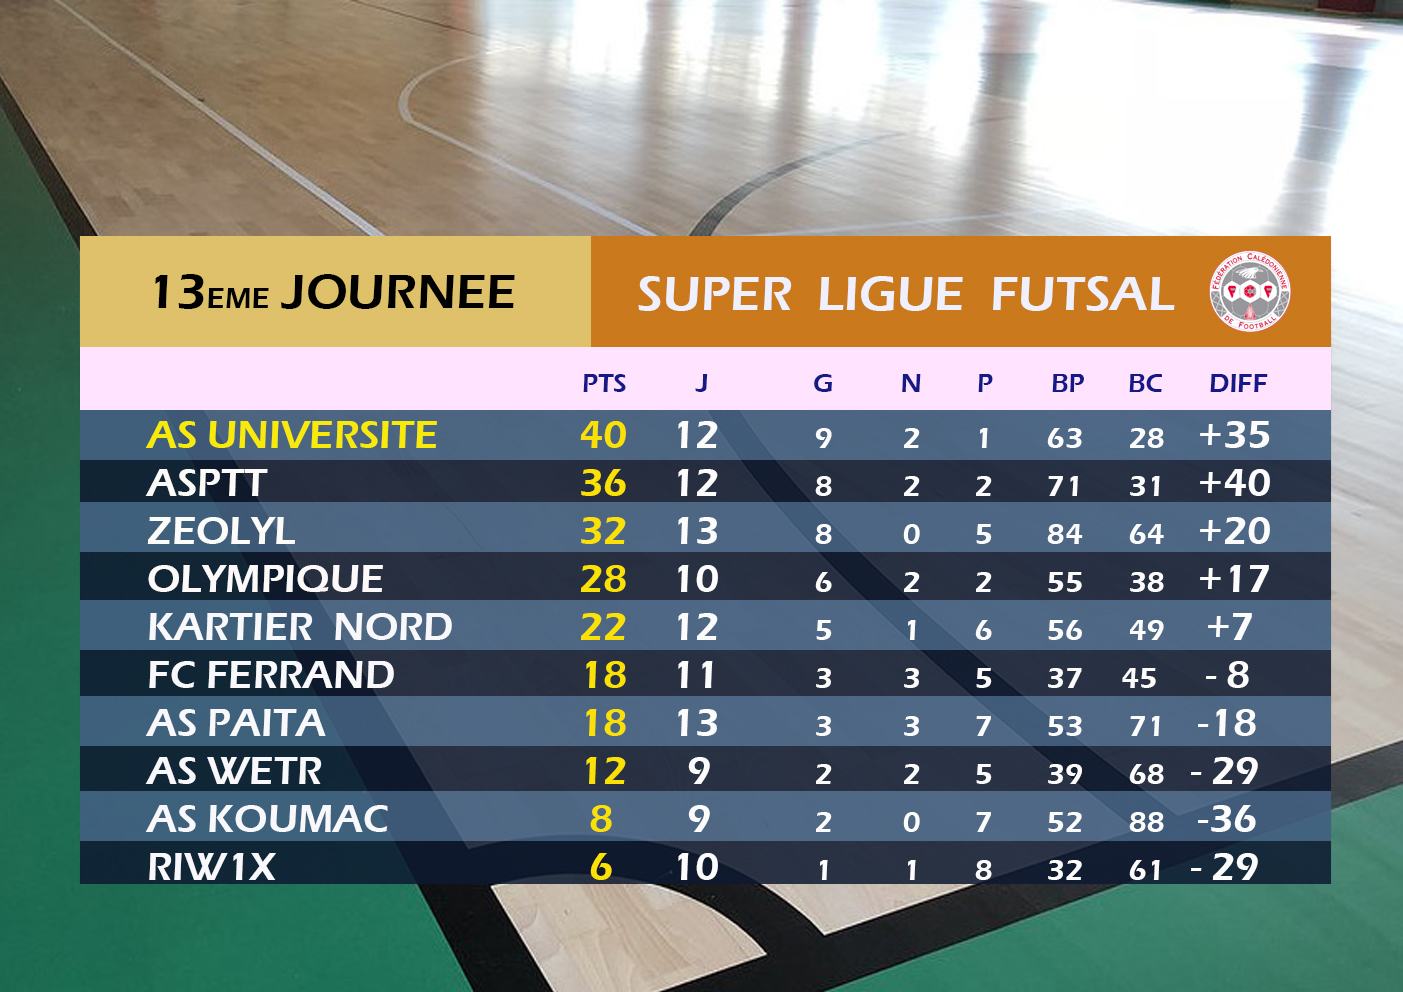 14ème étape pour la Super Ligue FUTSAL / Programme